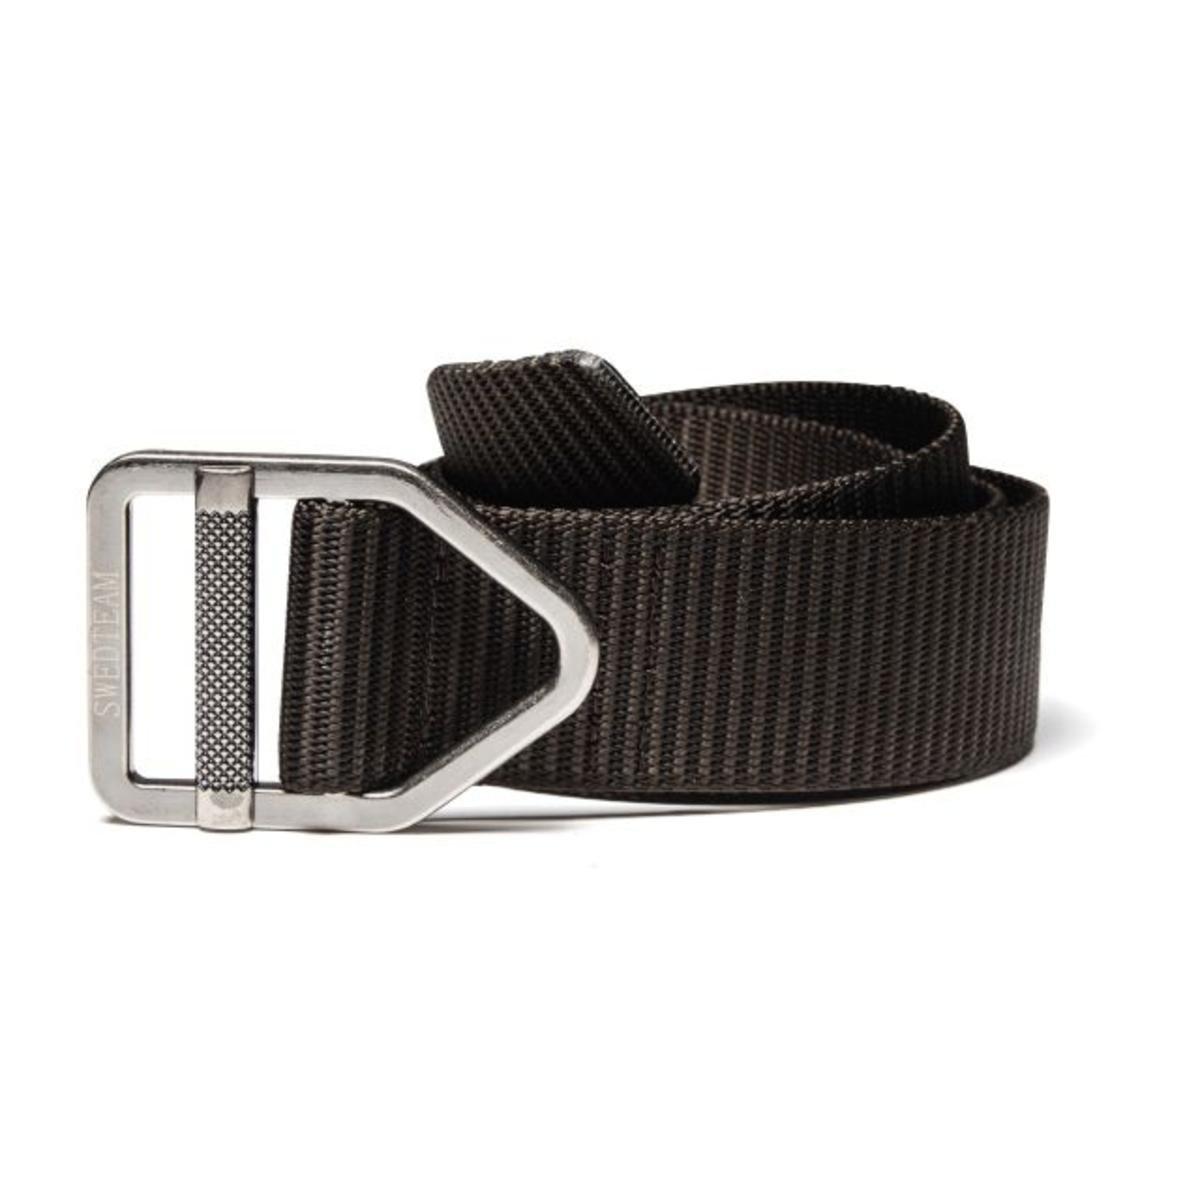 SwedTeam Dog Handler Belt Black by SwedTeam